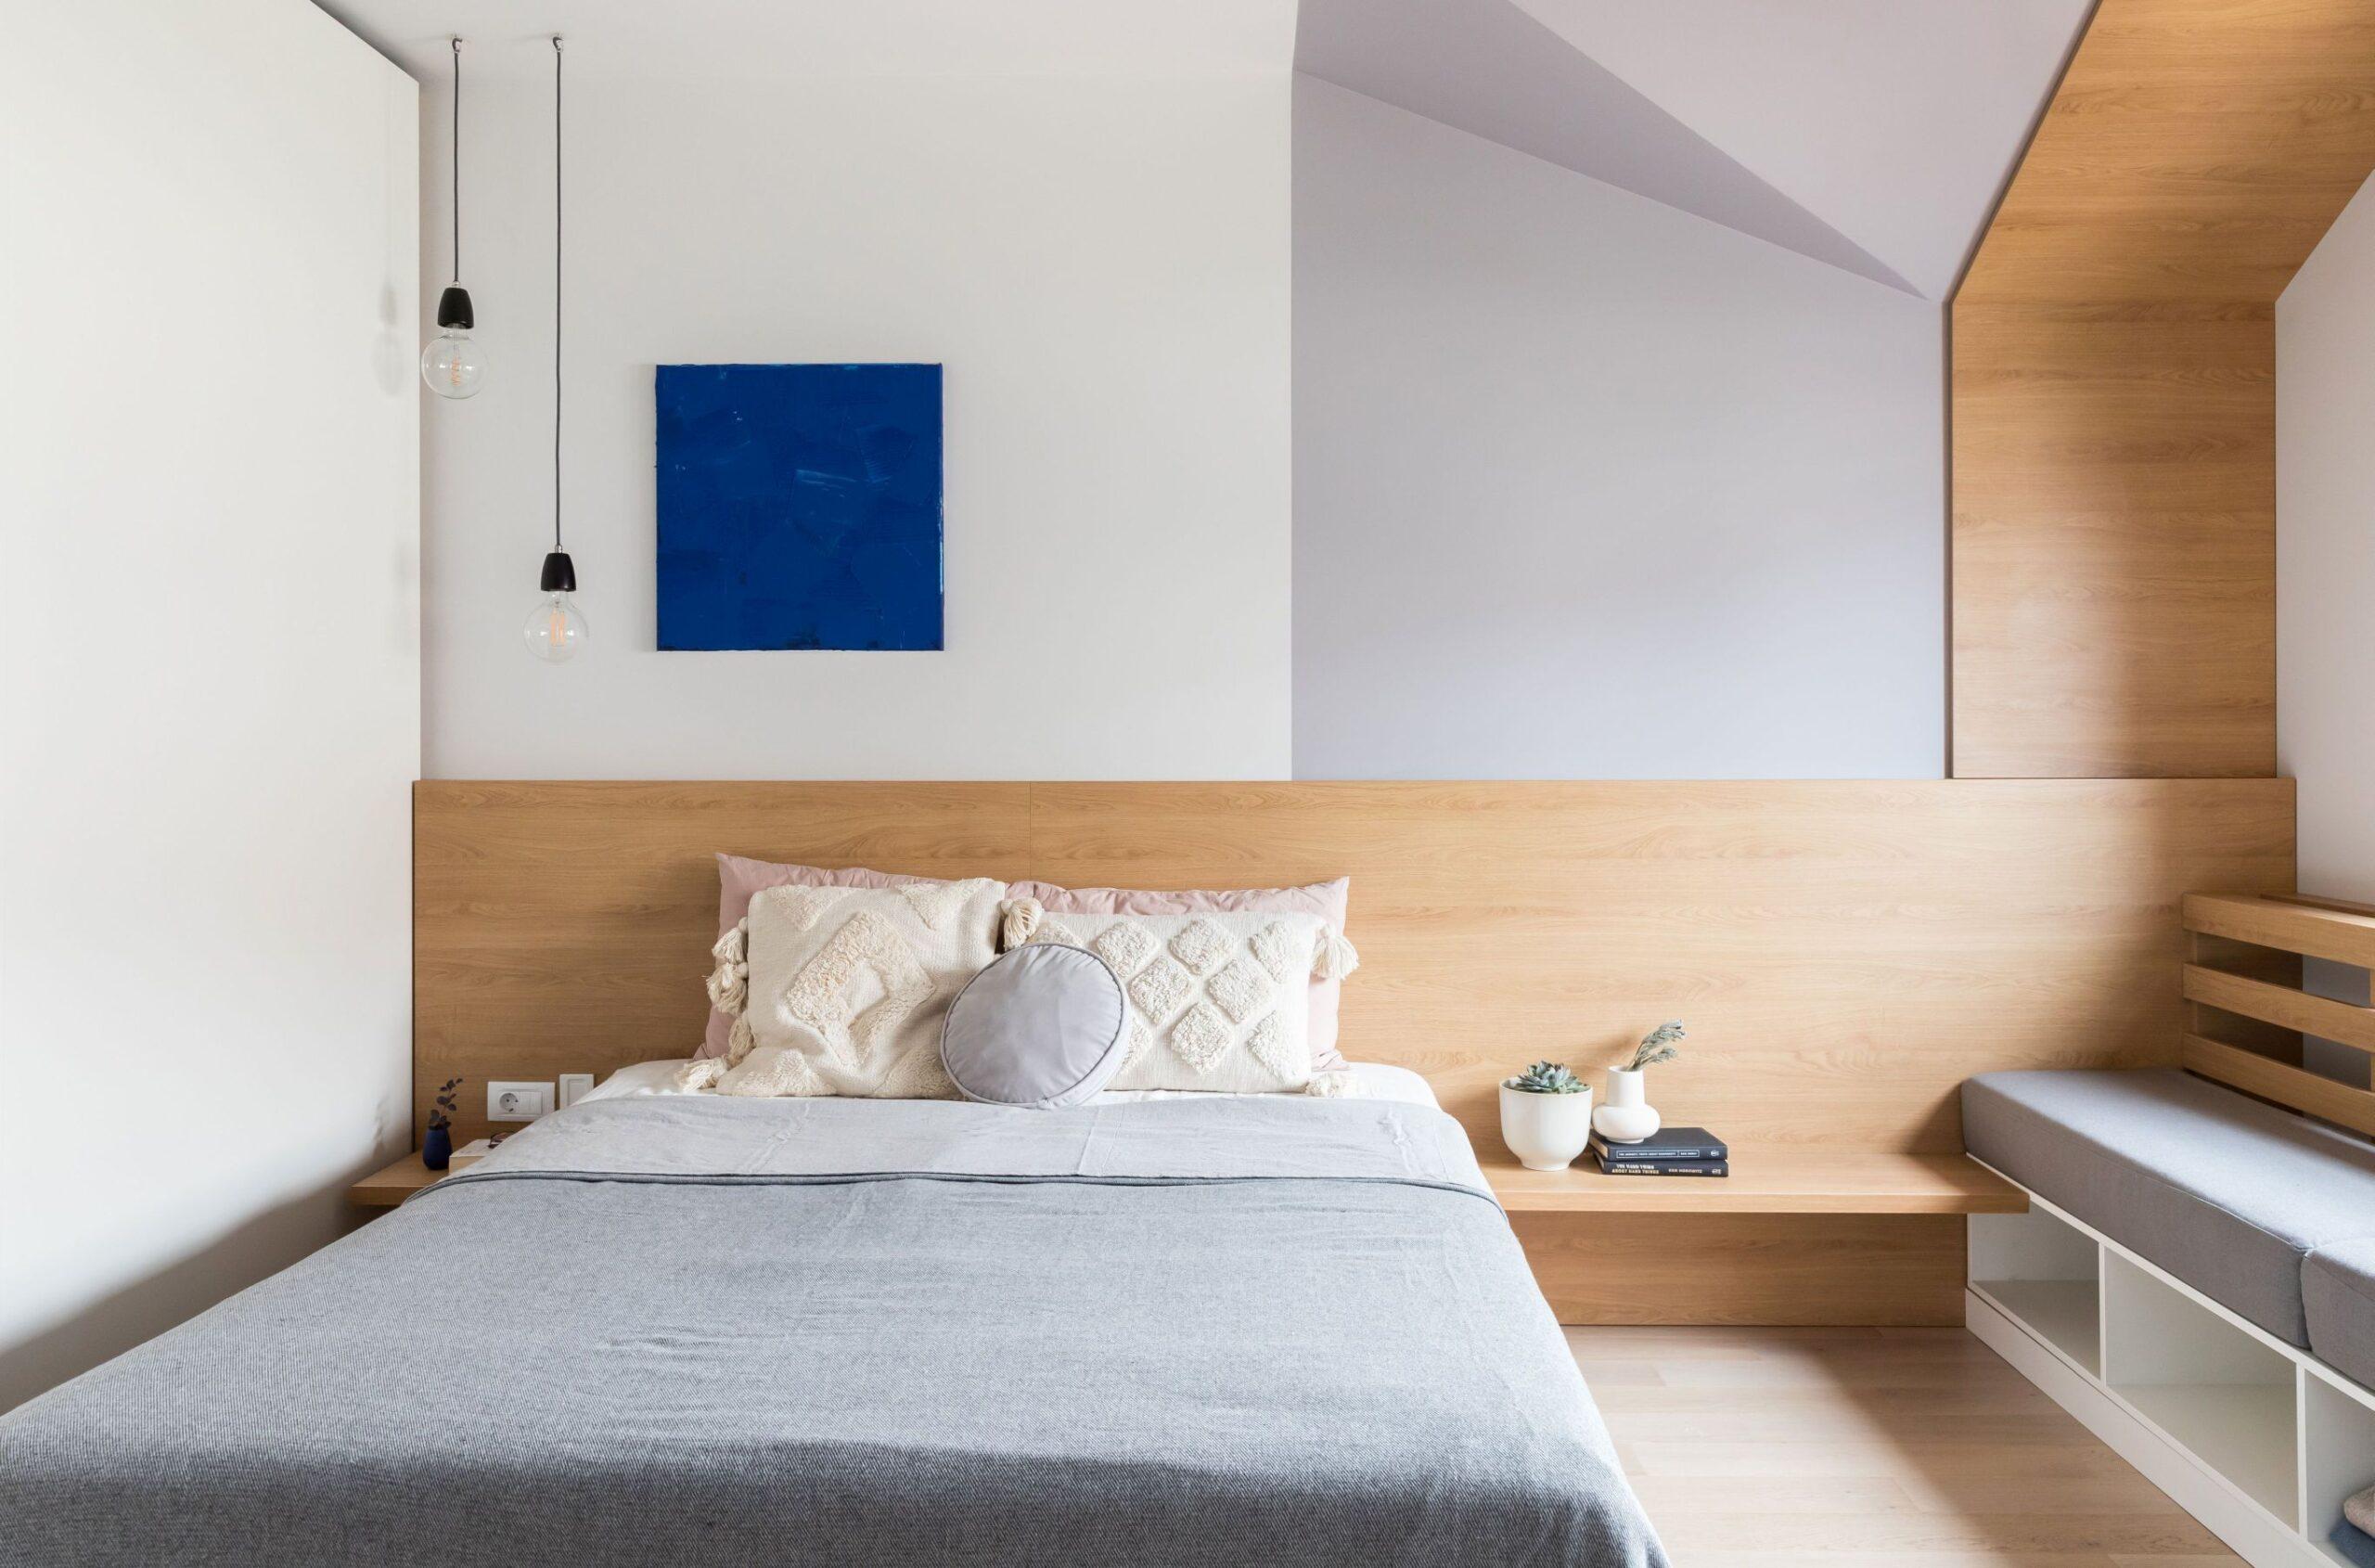 Zona de la fereastra din dormitorul matrimonial este placata cu lemn. Forma neregulata a plafonului ne-a insiprat in createa unor volume de lemn si de vopsea gri.Tablia patului este simpla, de lemn.